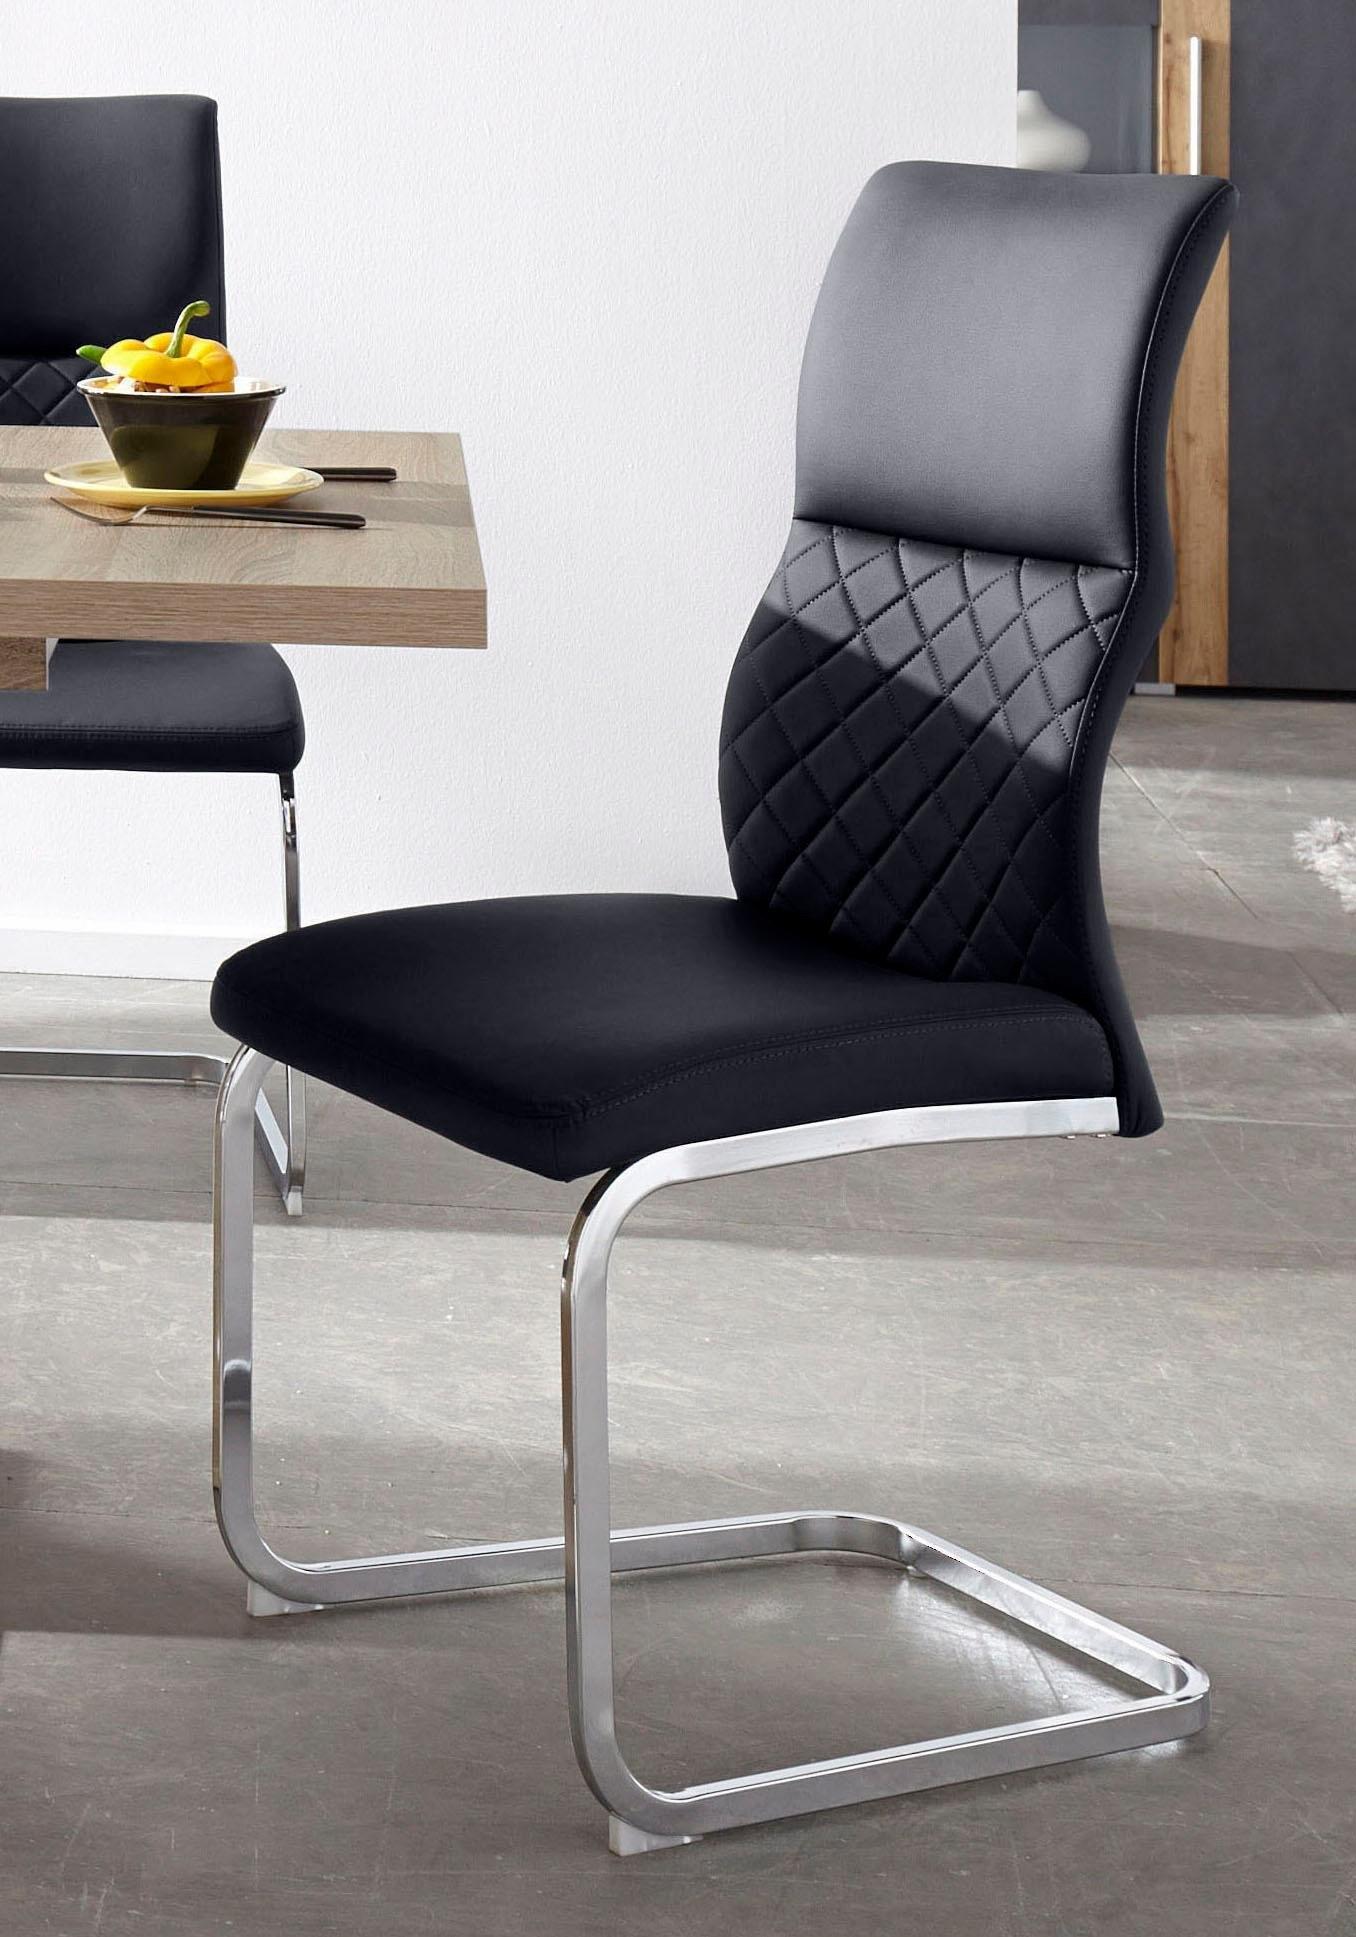 vrijdragende stoel in set van 2 of 4 my home stoel modena in set van 2 of 4 met metalen frame in diverse kleuren zithoogte 47 cm